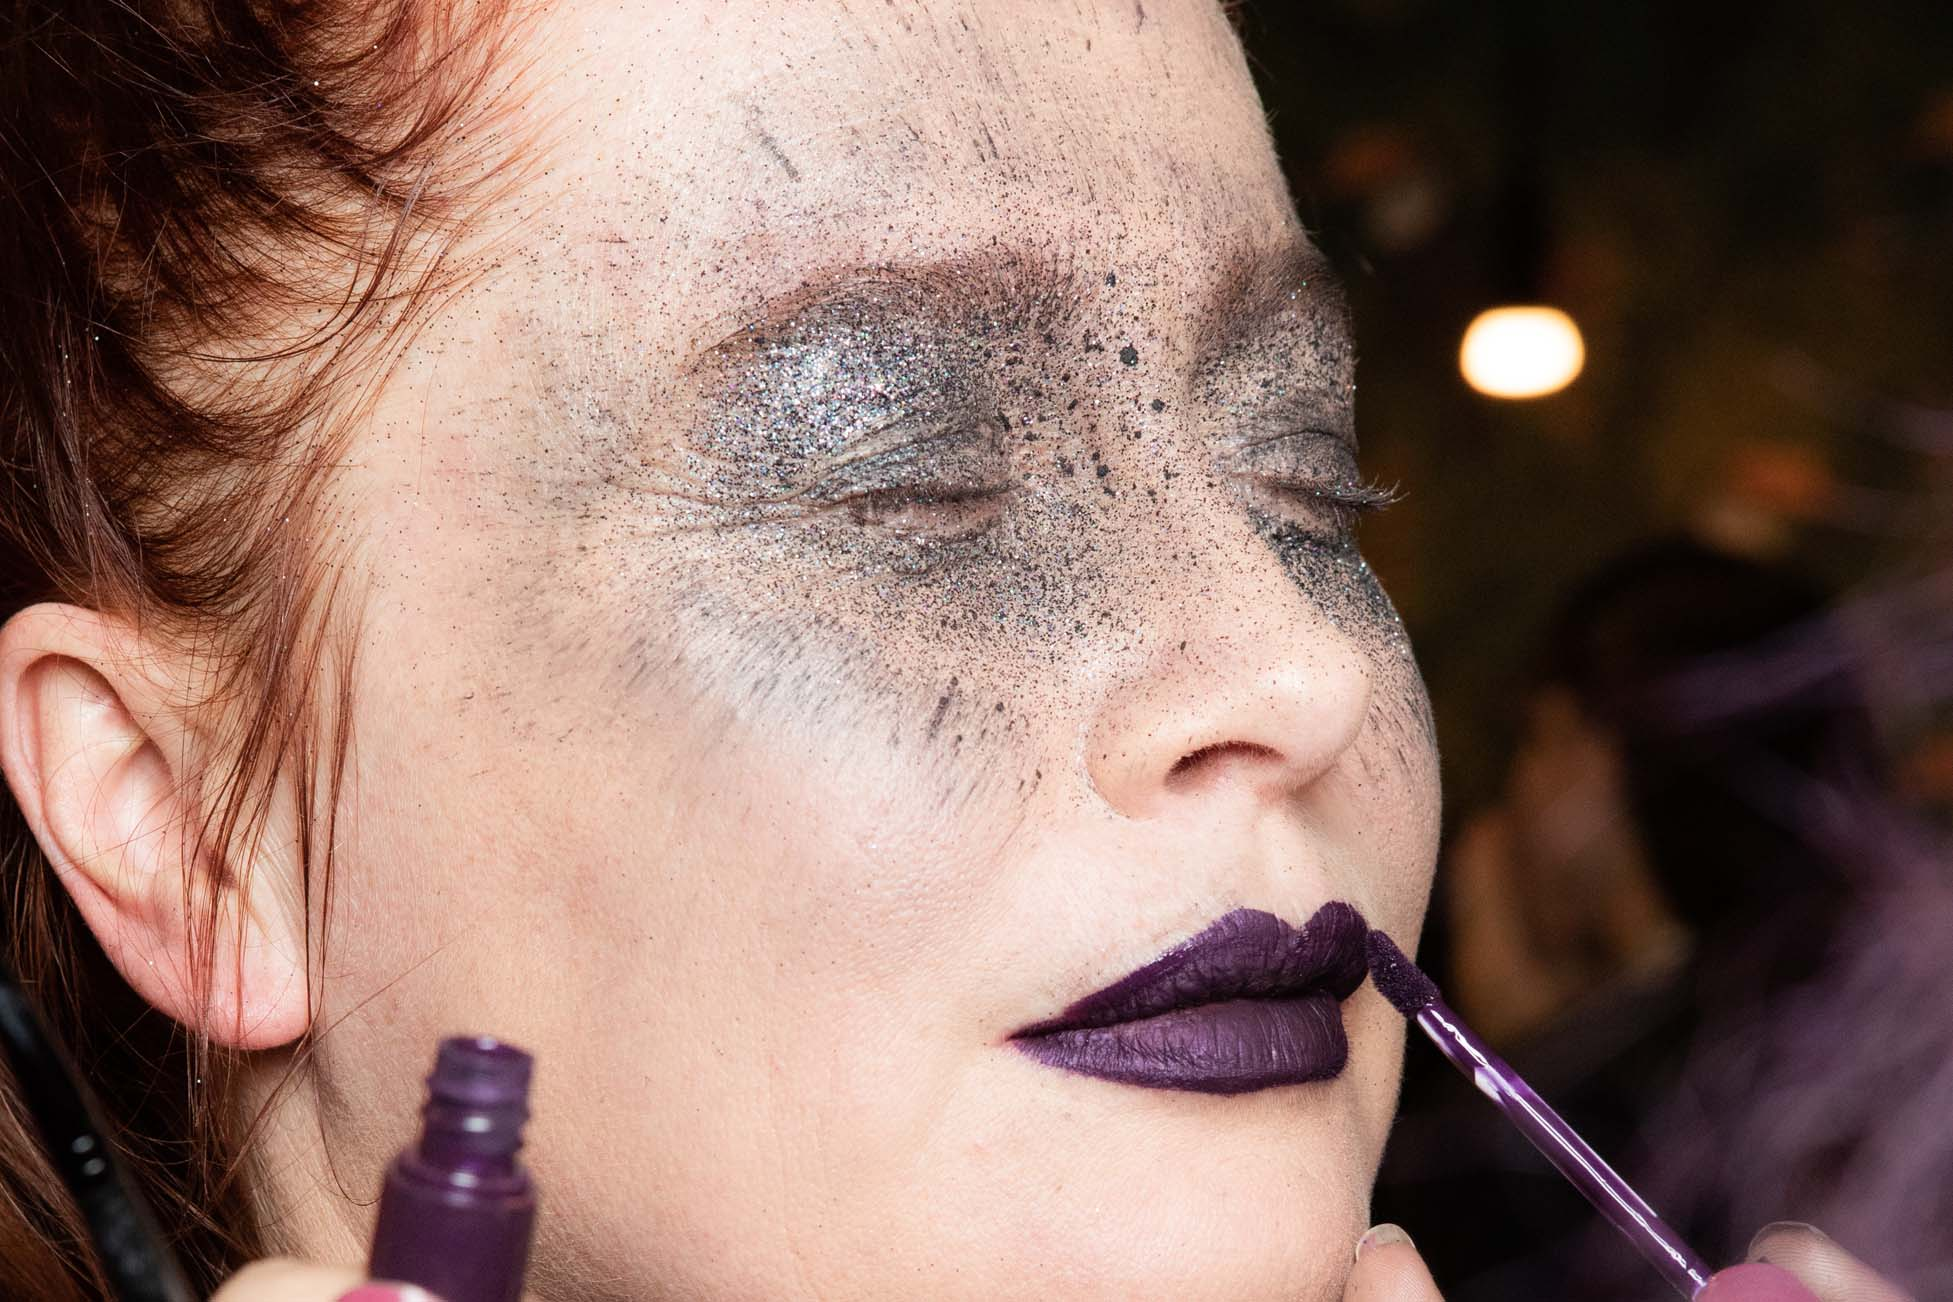 Carnevale 2021, 20 idee di make up ad effetto da fare a casa. FOTO